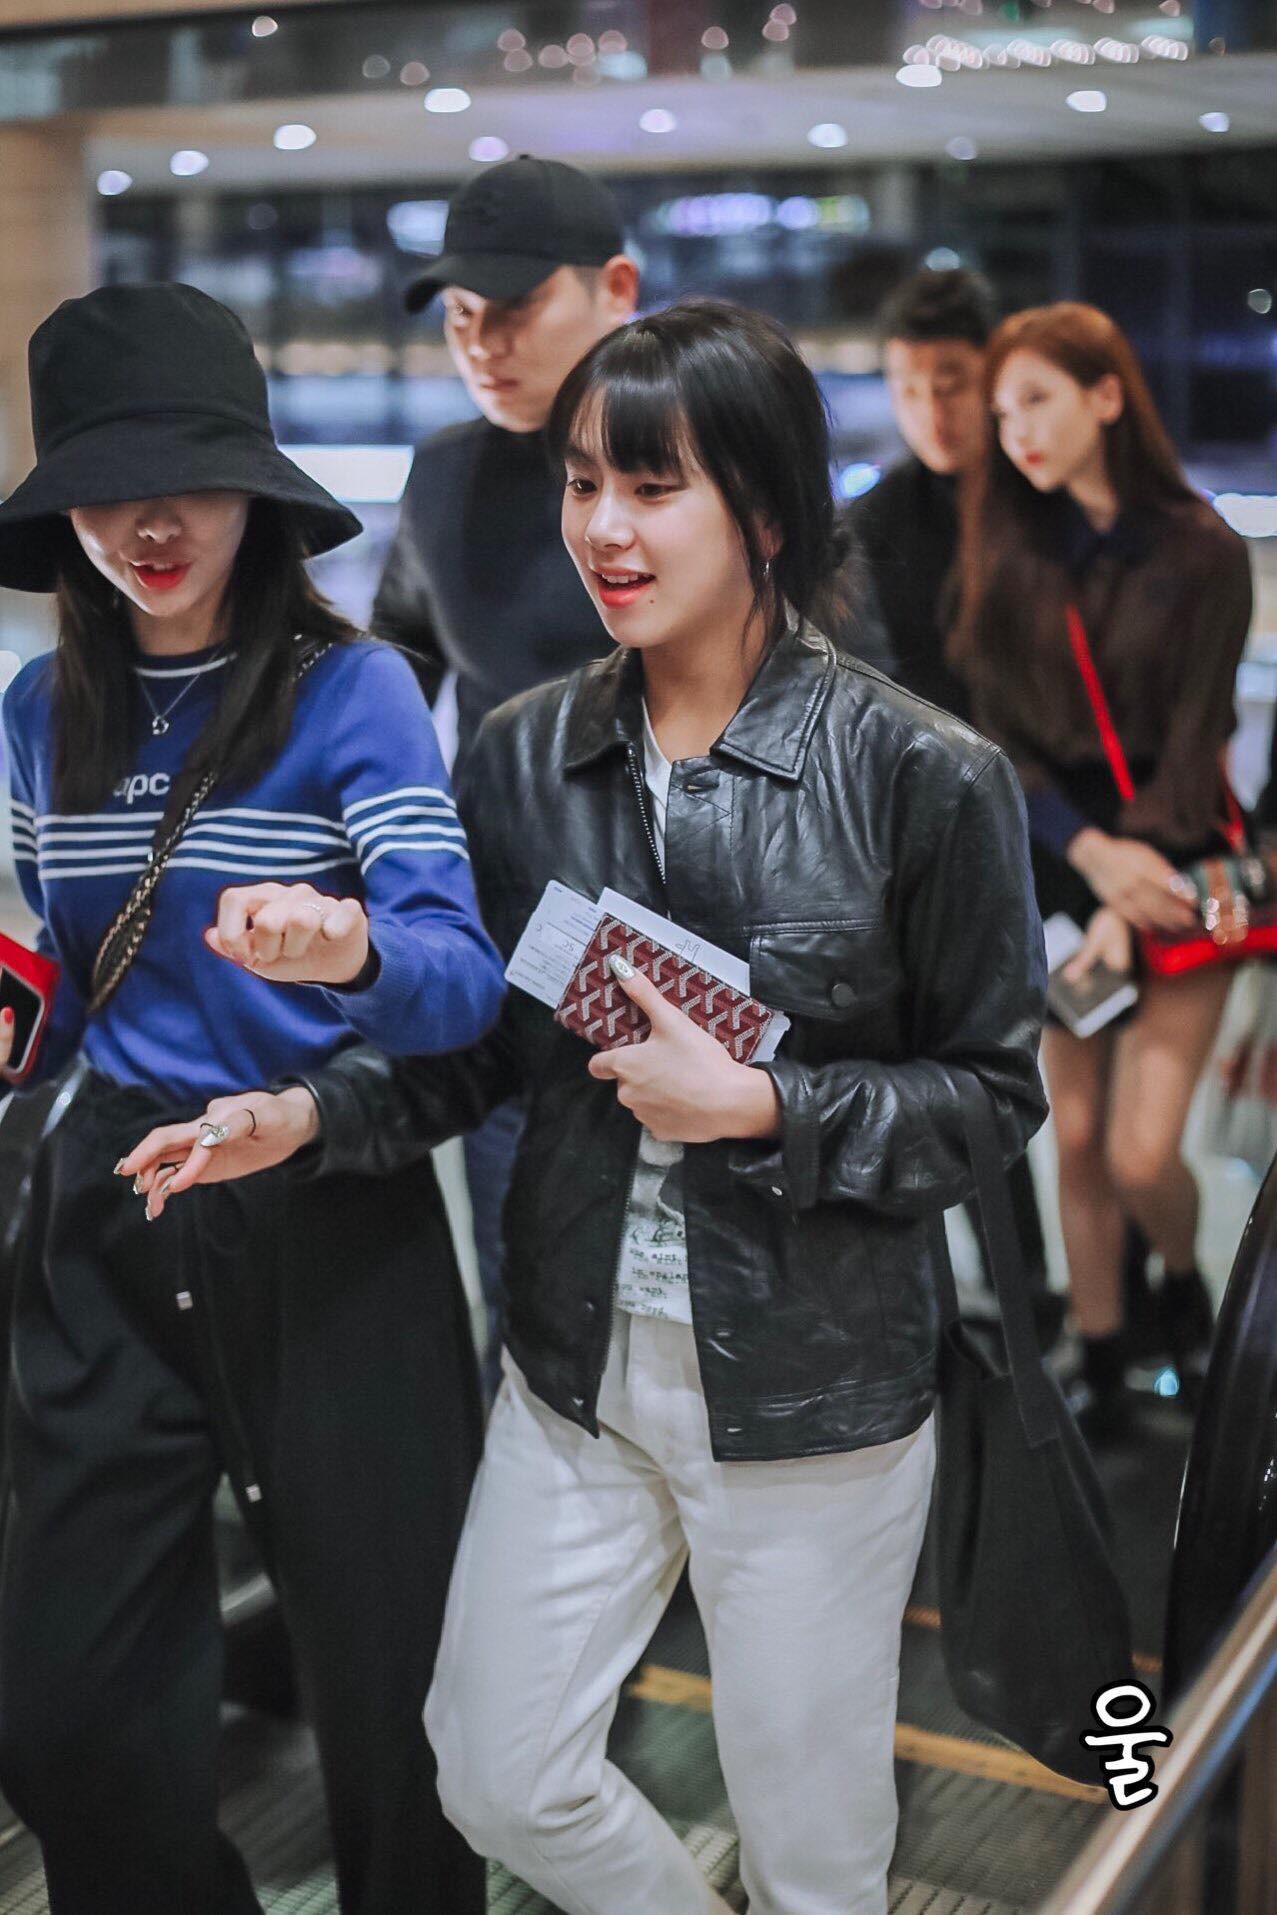 Nhiều thành viên của Twice vừa đổi màu tóc và bạn biết đó có nghĩa là gì rồi đấy - Ảnh 7.